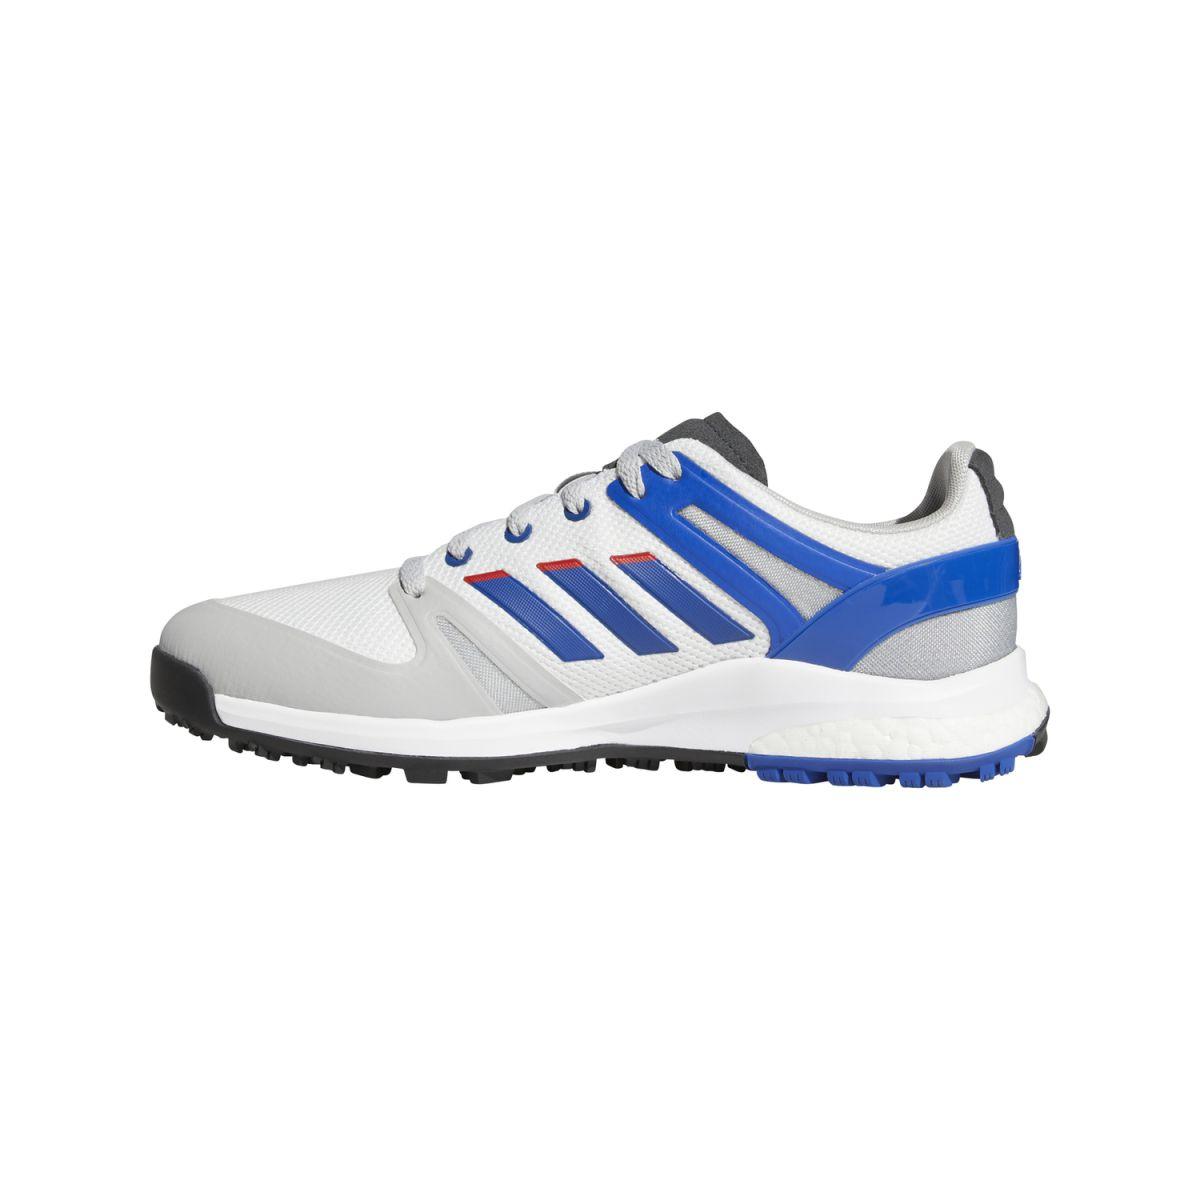 adidas eqt sl white blue 40